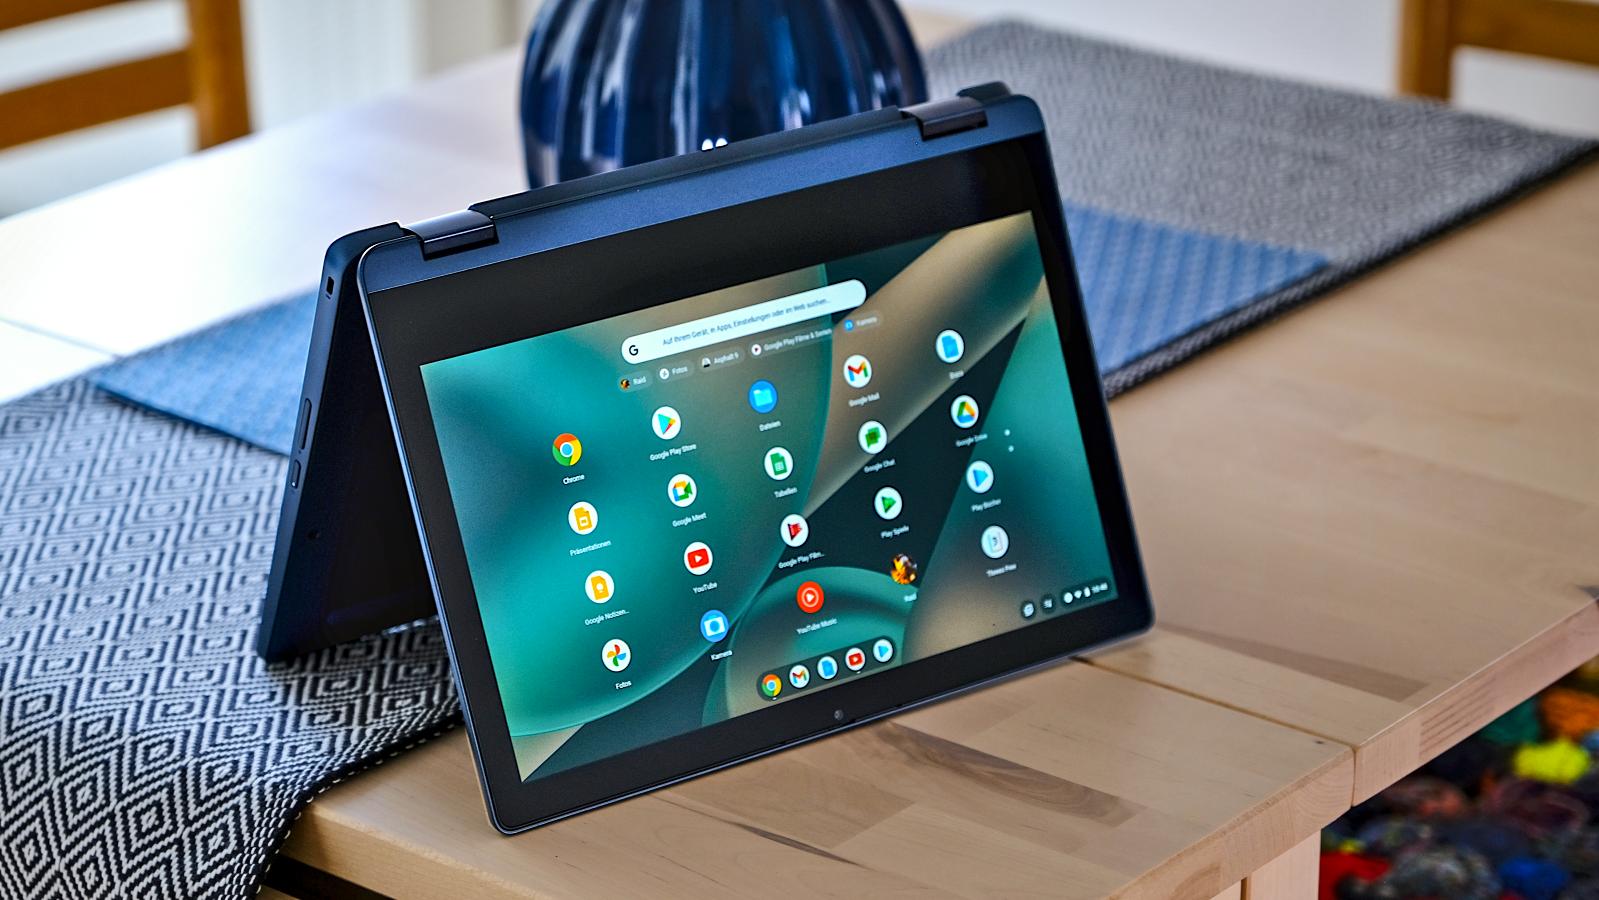 Kaufberater: Günstige Office-Laptops für den Alltag, Schule und Studium